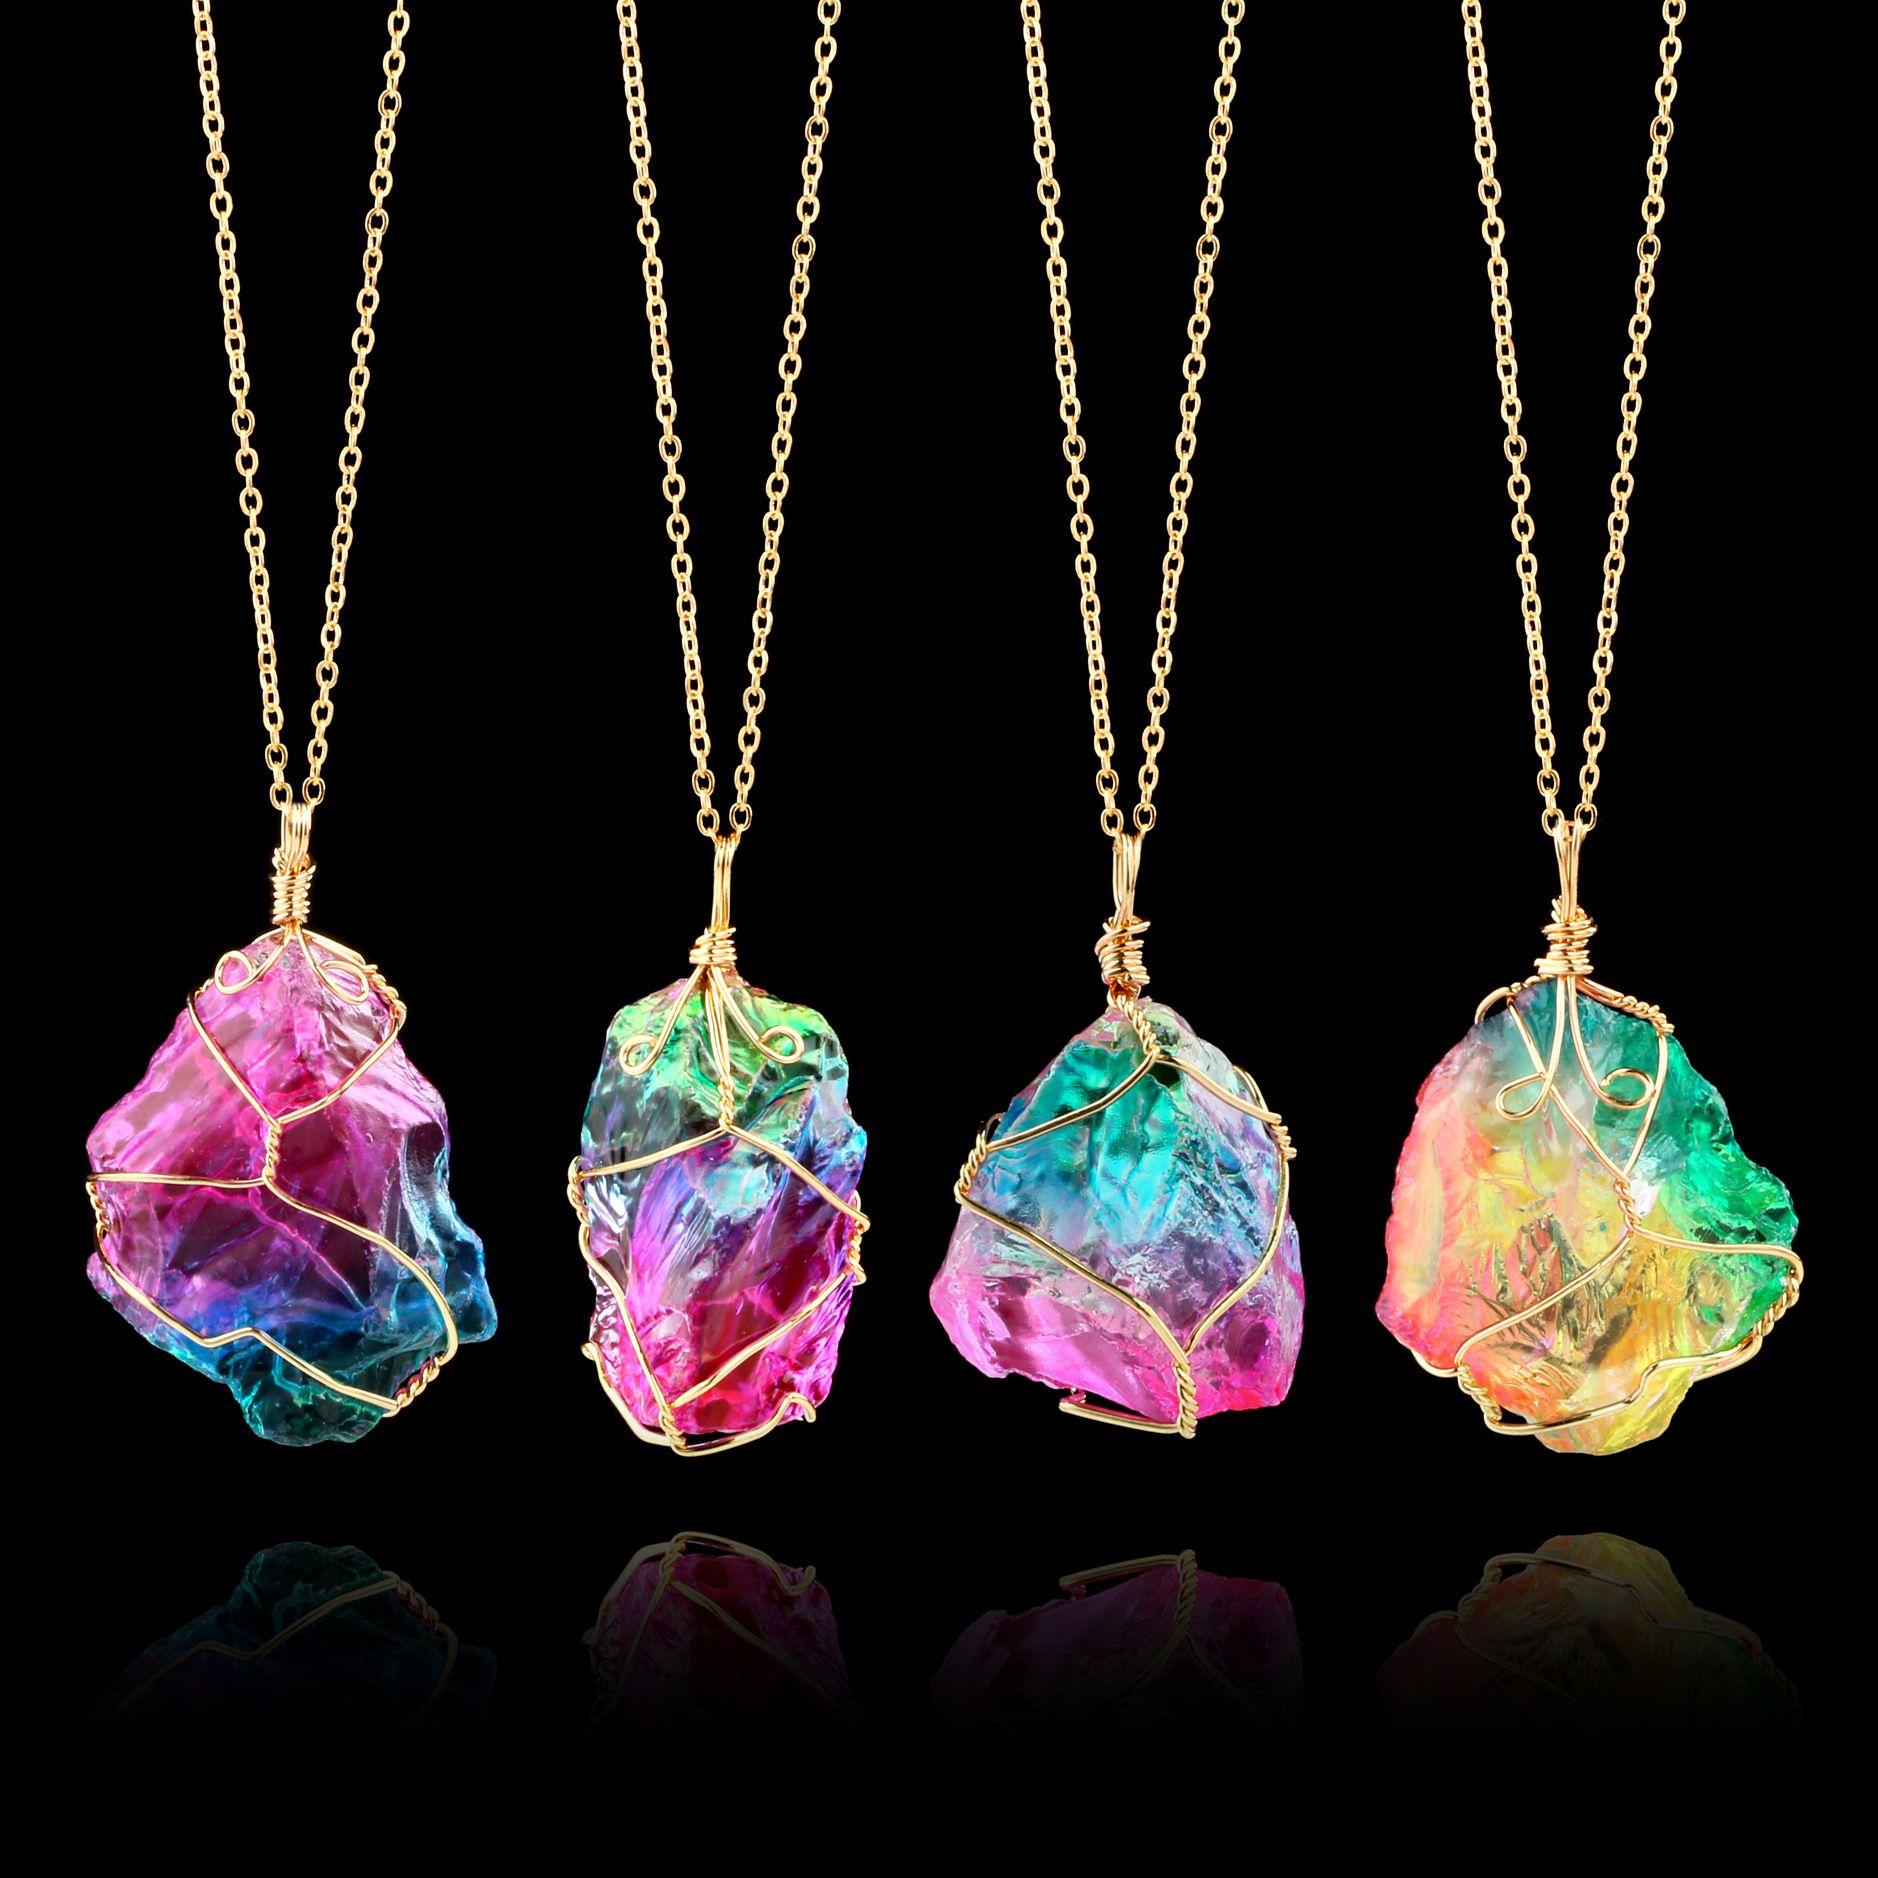 pietra naturale in stile originale ciondolo di diamanti nuovo cristallo naturale quarzo Healing Point Chakra Bead pendente della pietra preziosa collane catene dei monili